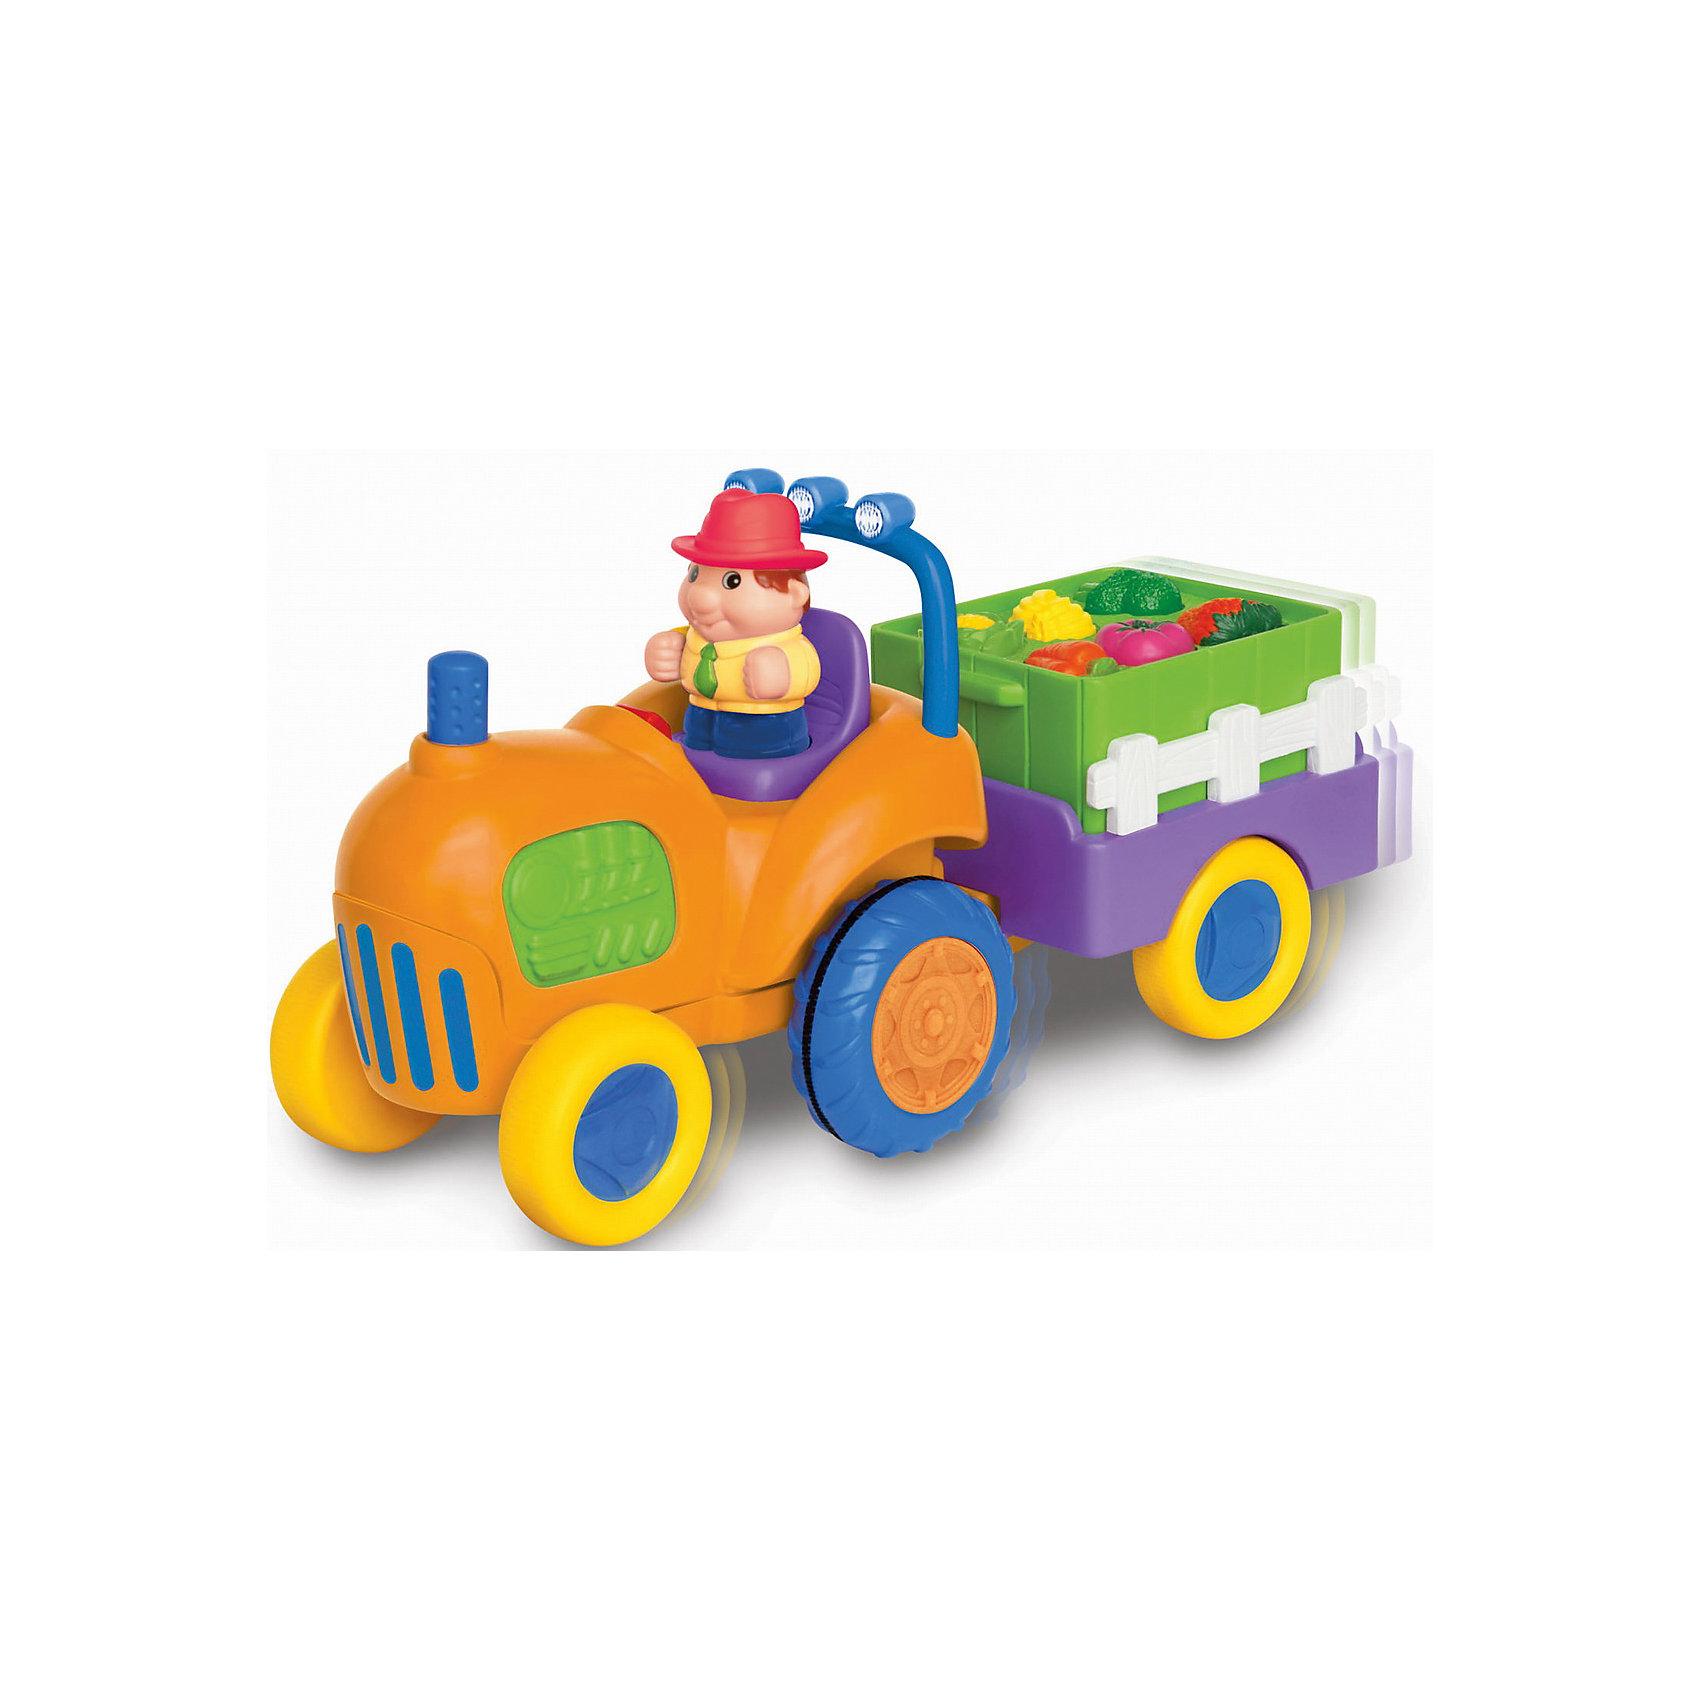 Развивающий игровой центр - трактор с овощами, KiddielandИгрушки для малышей<br>Развивающий игровой центр - трактор с овощами, Kiddieland<br><br>Характеристики:<br>- В набор входит: фигурка фермера, трактор с прицепом, элементы питания<br>- Материал: пластик<br>- Элементы питания: батарейки АА, 4 шт.<br>- Размер упаковки: 18 * 14 * 34,5 см.<br>Развивающий игровой центр в виде трактора с овощами от известного китайского бренда игрушек для детей Kiddieland (Киддилэнд) станет прекрасным подарком для ребенка. Оснащенный звуками и песенками он приведет малыша в восторг! А нажимая на кнопочки с овощами и фруктами в прицепе малыш научится называть их по-английски. В прицепе фермера лежат морковки,  помидорка, цветная капуста, брокколи, клубнички и бананы. Интерактивный трактор ездит, издает звук заведенного мотора, сигналит и включает радио, когда фермер садится за руль. Изготовленная из качественного пластика, разноцветная игрушка способствует развитию восприятия цвета и звука, памяти, воображения, социальных навыков, моторики рук. <br>Развивающий игровой центр - трактор с овощами, Kiddieland  (Киддилэнд) можно купить в нашем интернет-магазине.<br>Подробнее:<br>• Для детей в возрасте: от 1 до 3 лет<br>• Номер товара: 5054074<br>Страна производитель: Китай<br><br>Ширина мм: 340<br>Глубина мм: 180<br>Высота мм: 140<br>Вес г: 1100<br>Возраст от месяцев: 12<br>Возраст до месяцев: 36<br>Пол: Унисекс<br>Возраст: Детский<br>SKU: 5054074